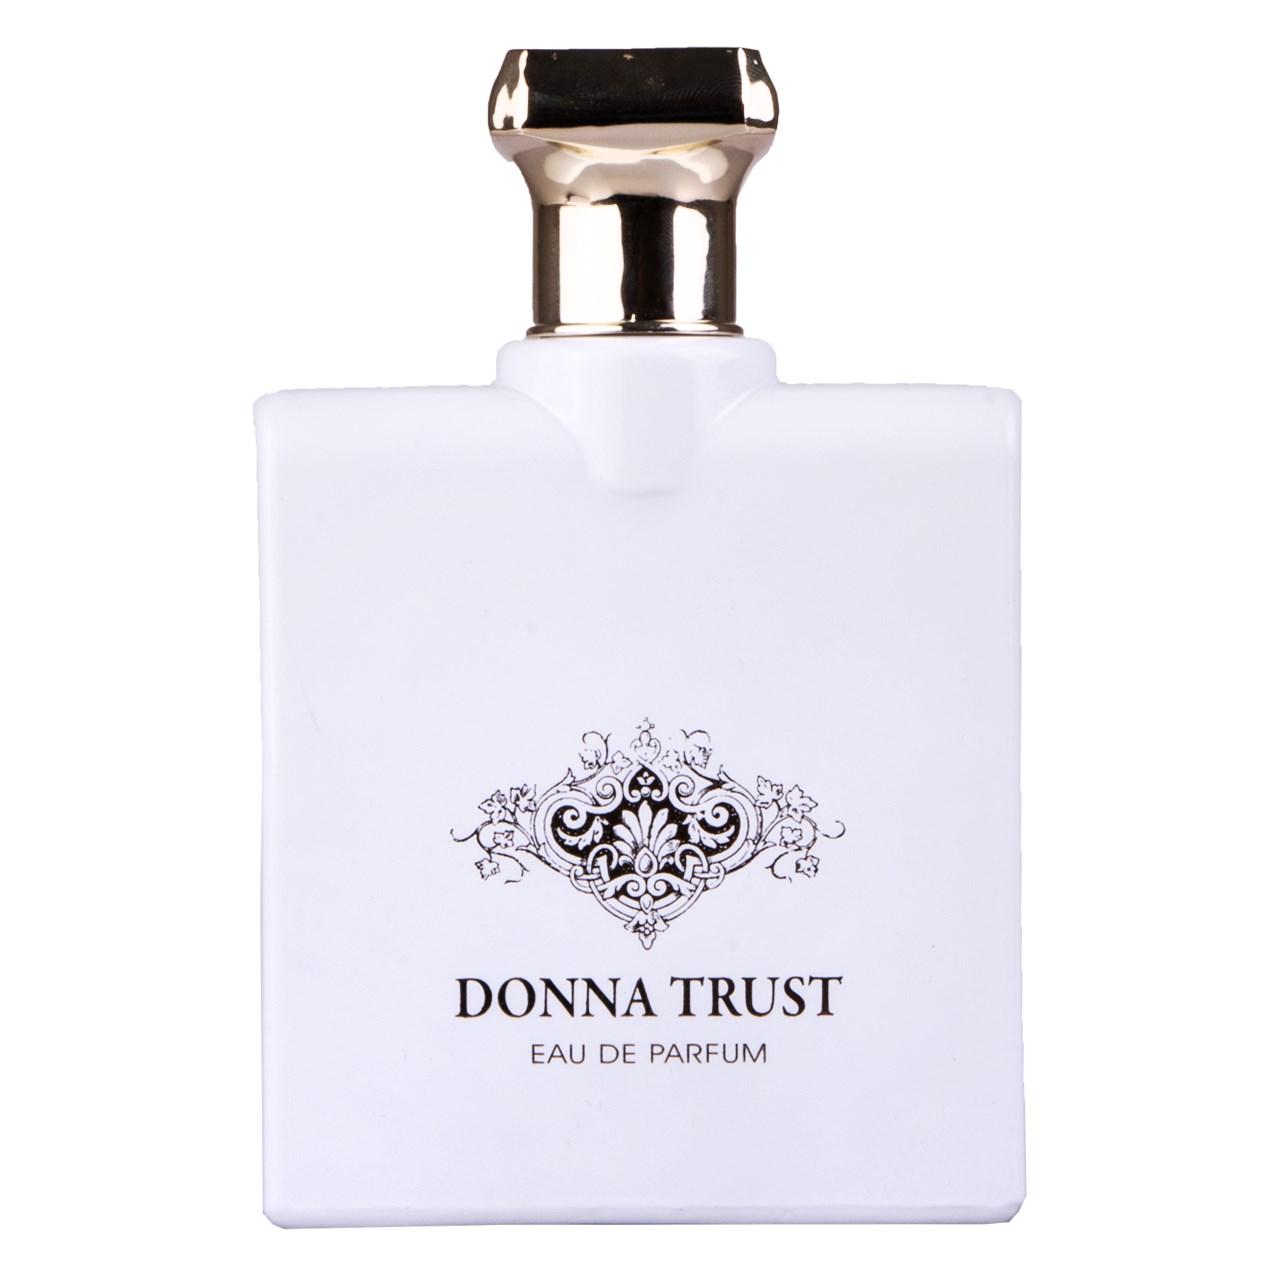 ادوپرفیوم زنانه فراگرنس ورد مدل Donna Trust حجم 100 میلی لیتر